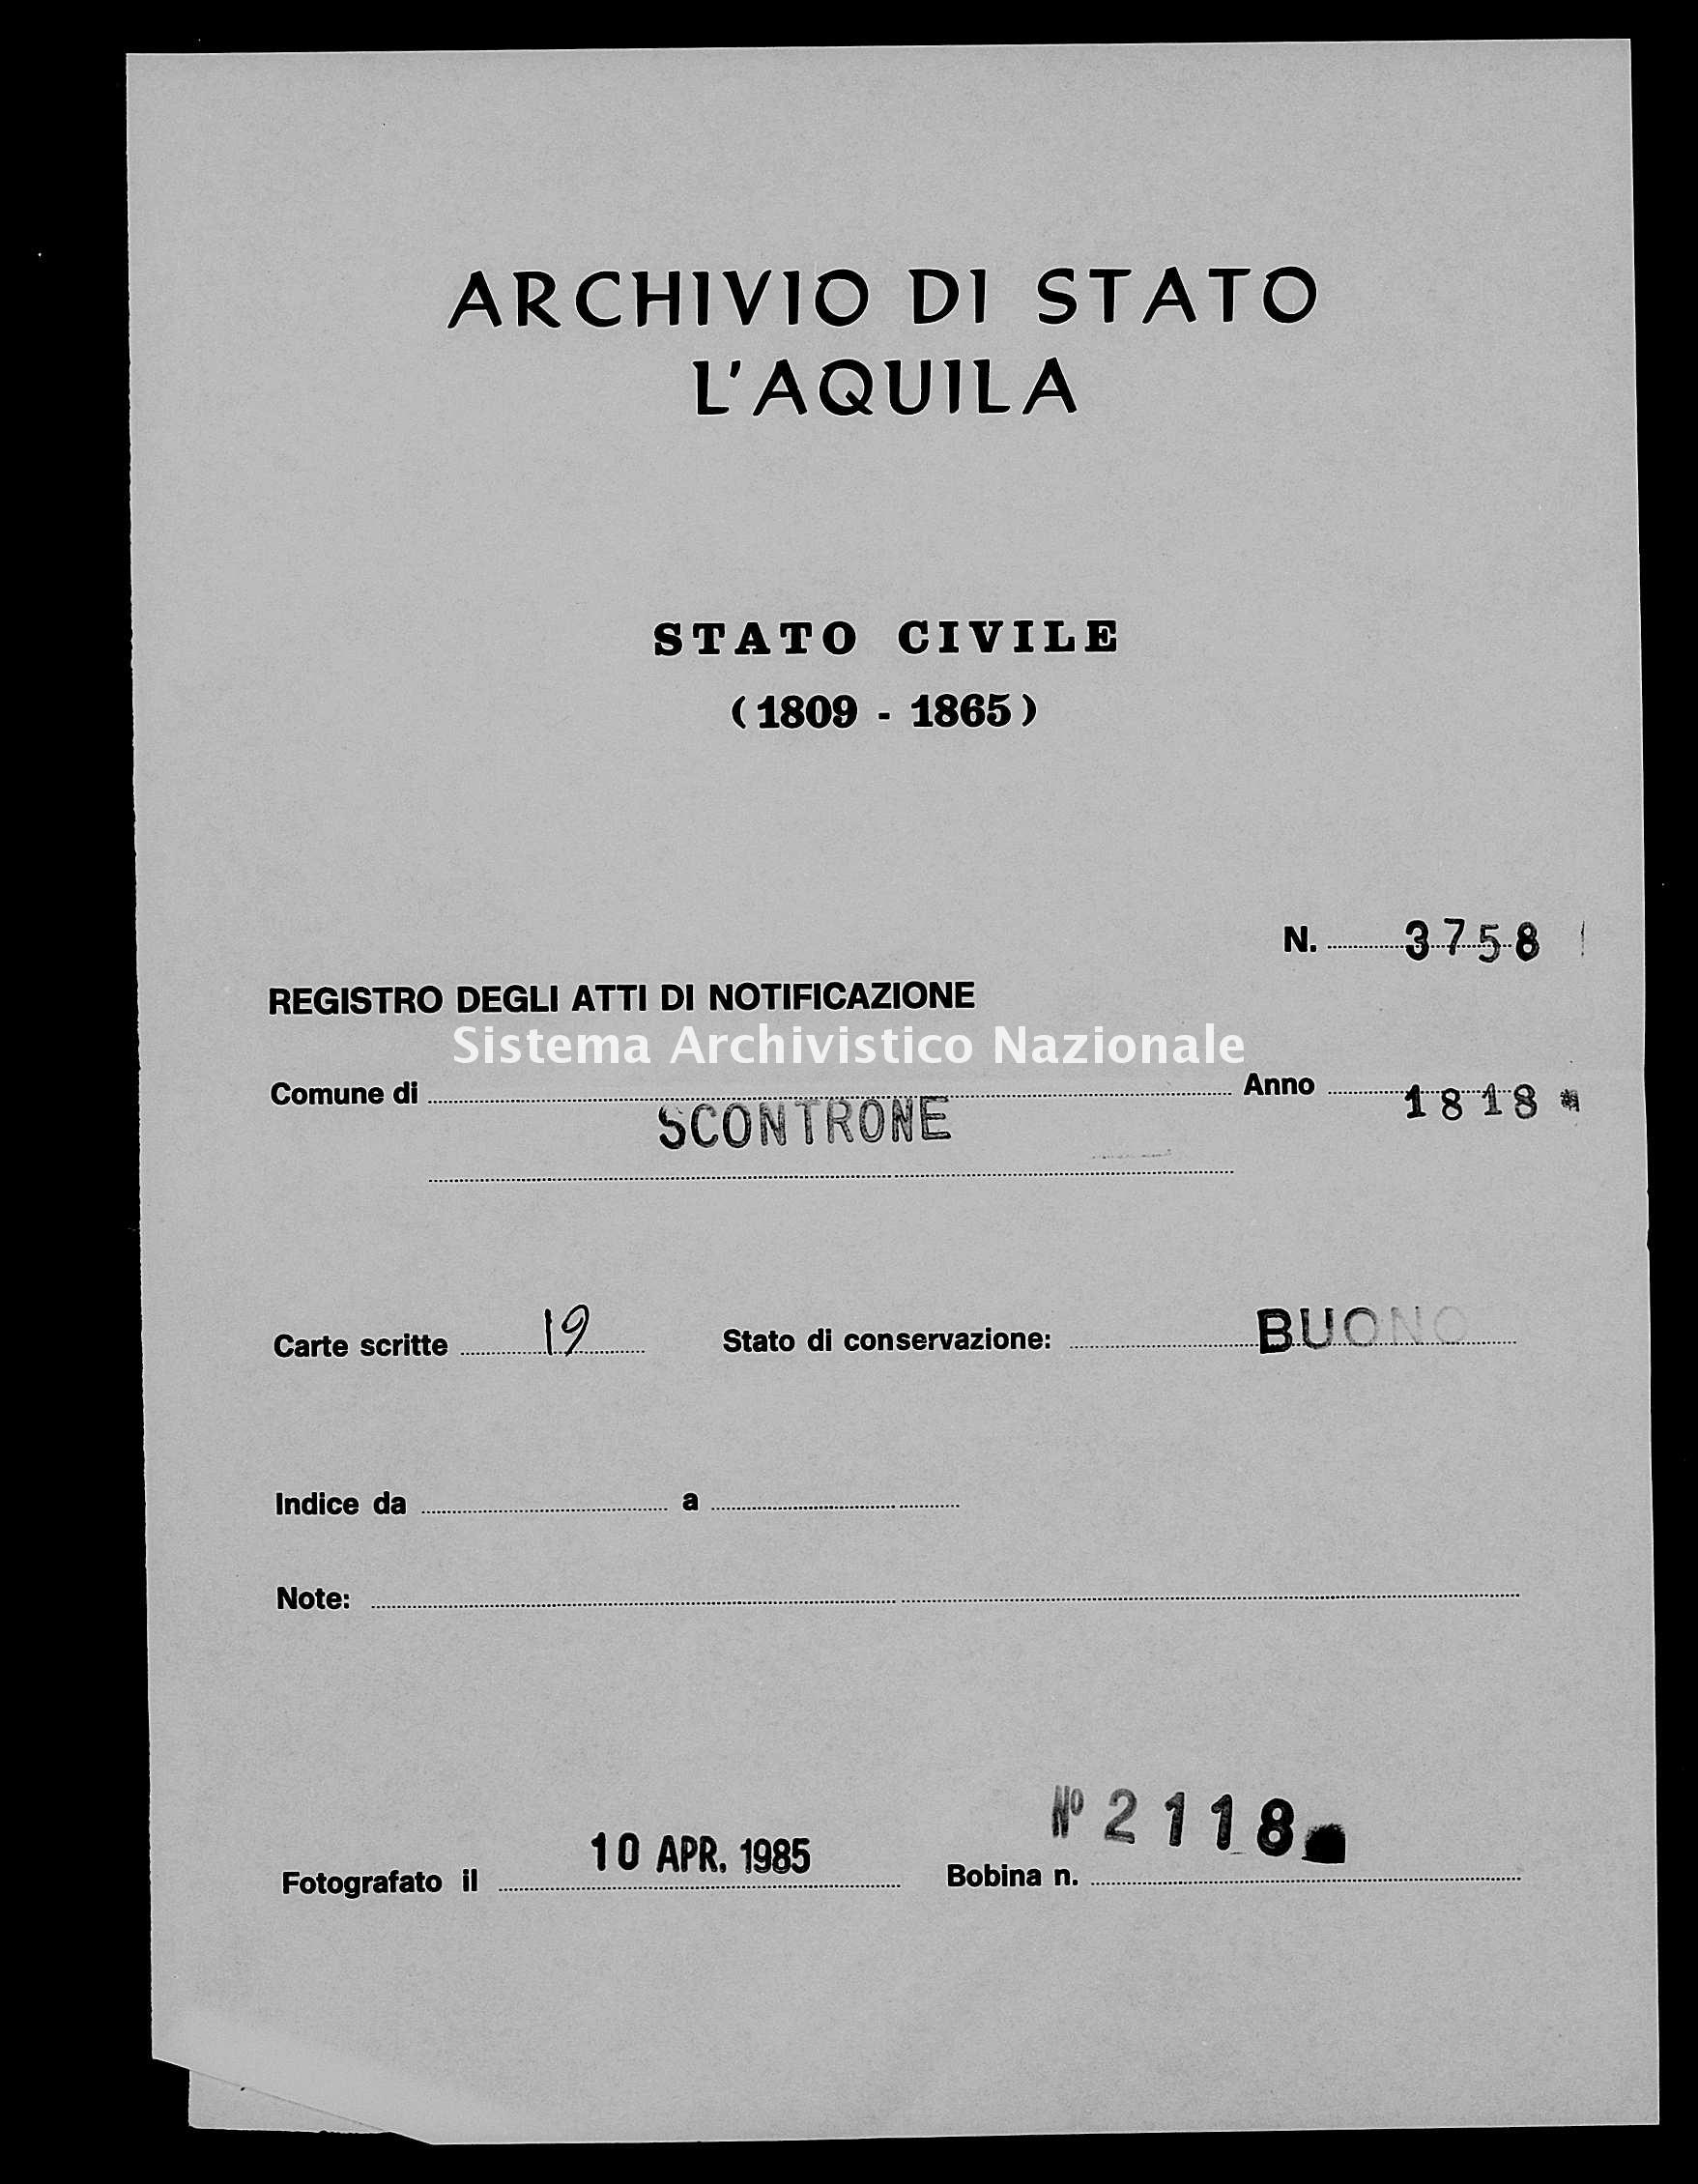 Archivio di stato di L'aquila - Stato civile della restaurazione - Scontrone - Matrimoni, pubblicazioni - 1818 - 3758 -